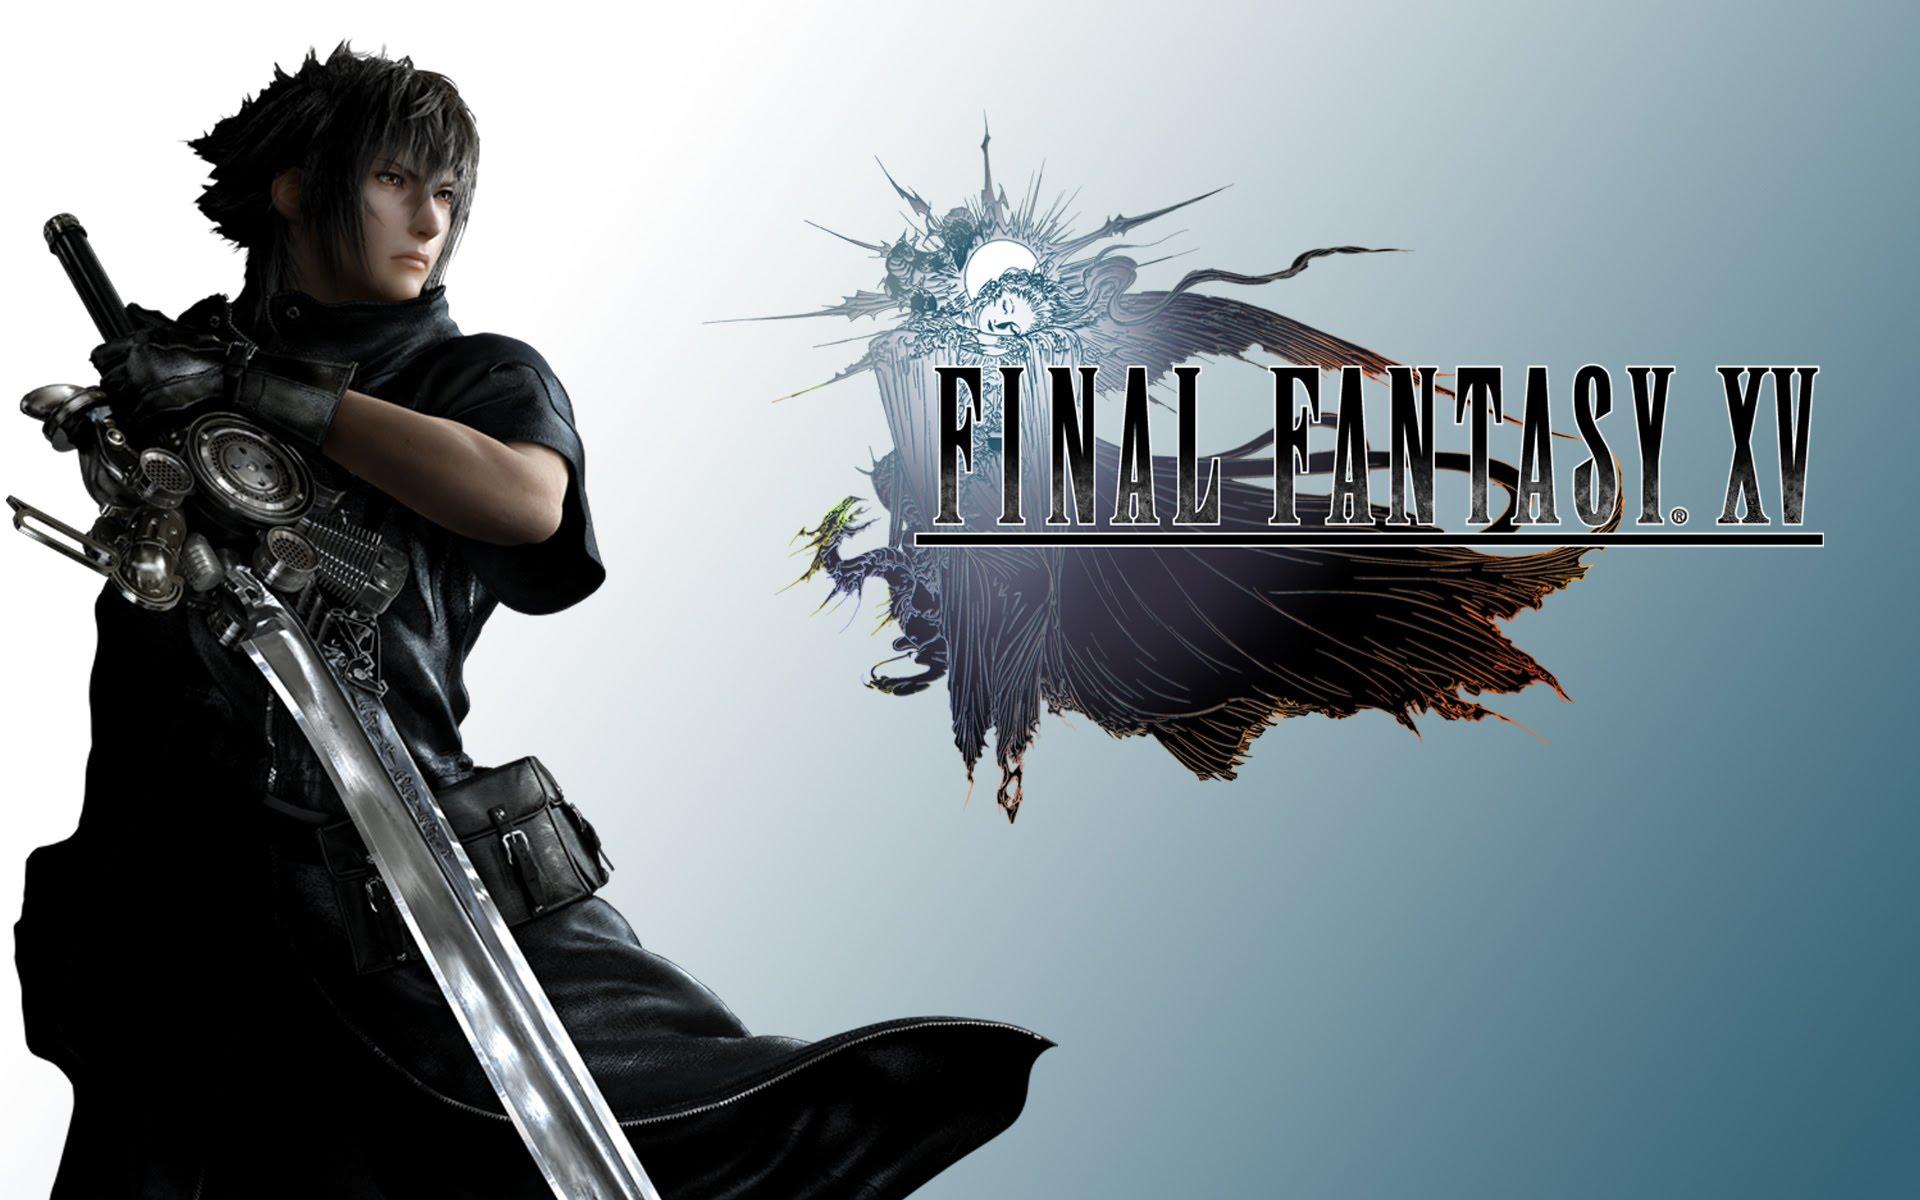 Final Fantasy XV estrena trailer live-action de lanzamiento